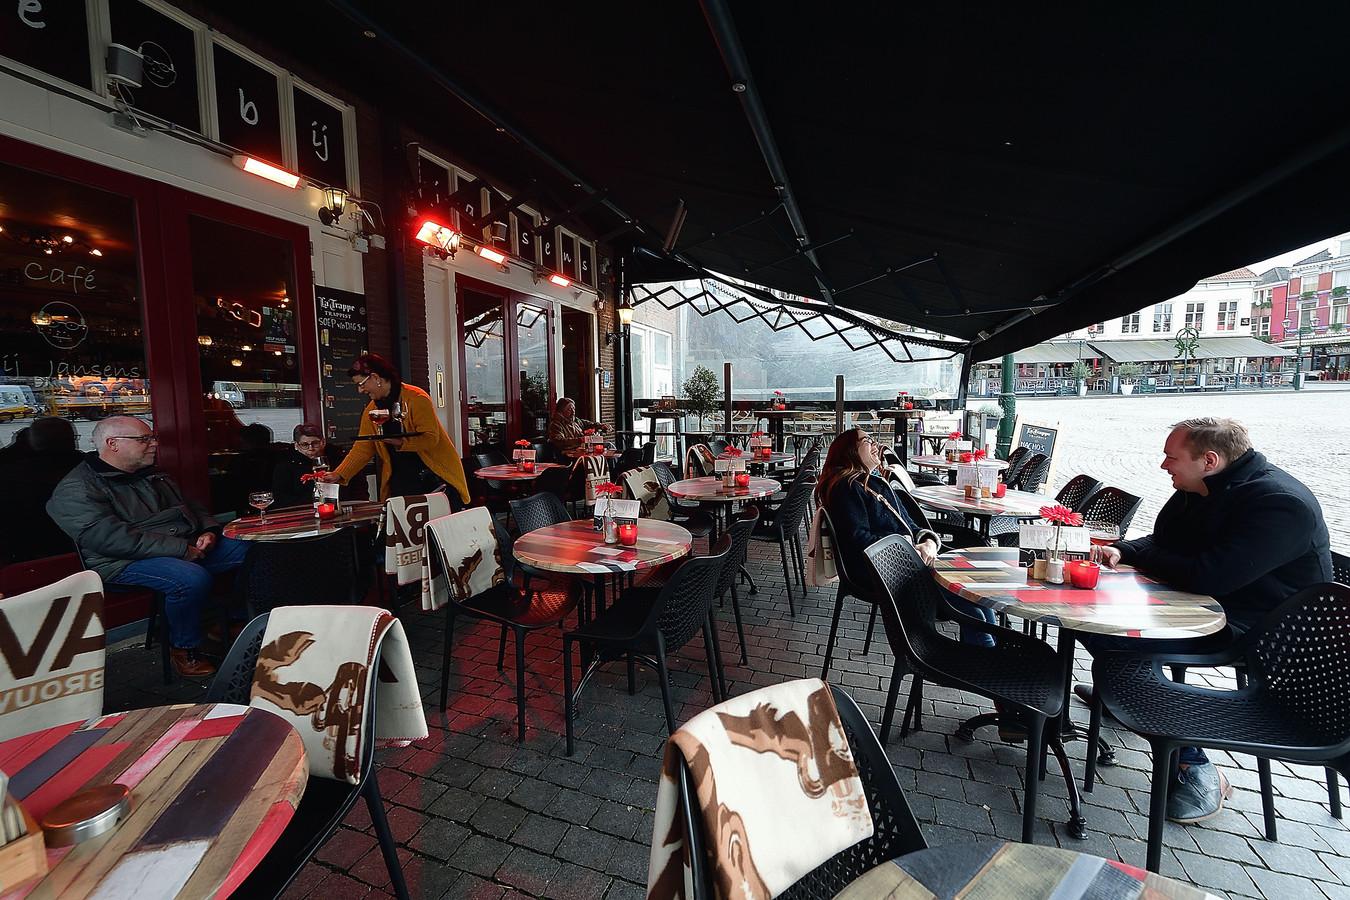 Het terras van Bij Jansens op een winterse januaridag, met overkapping en warmtelampen.